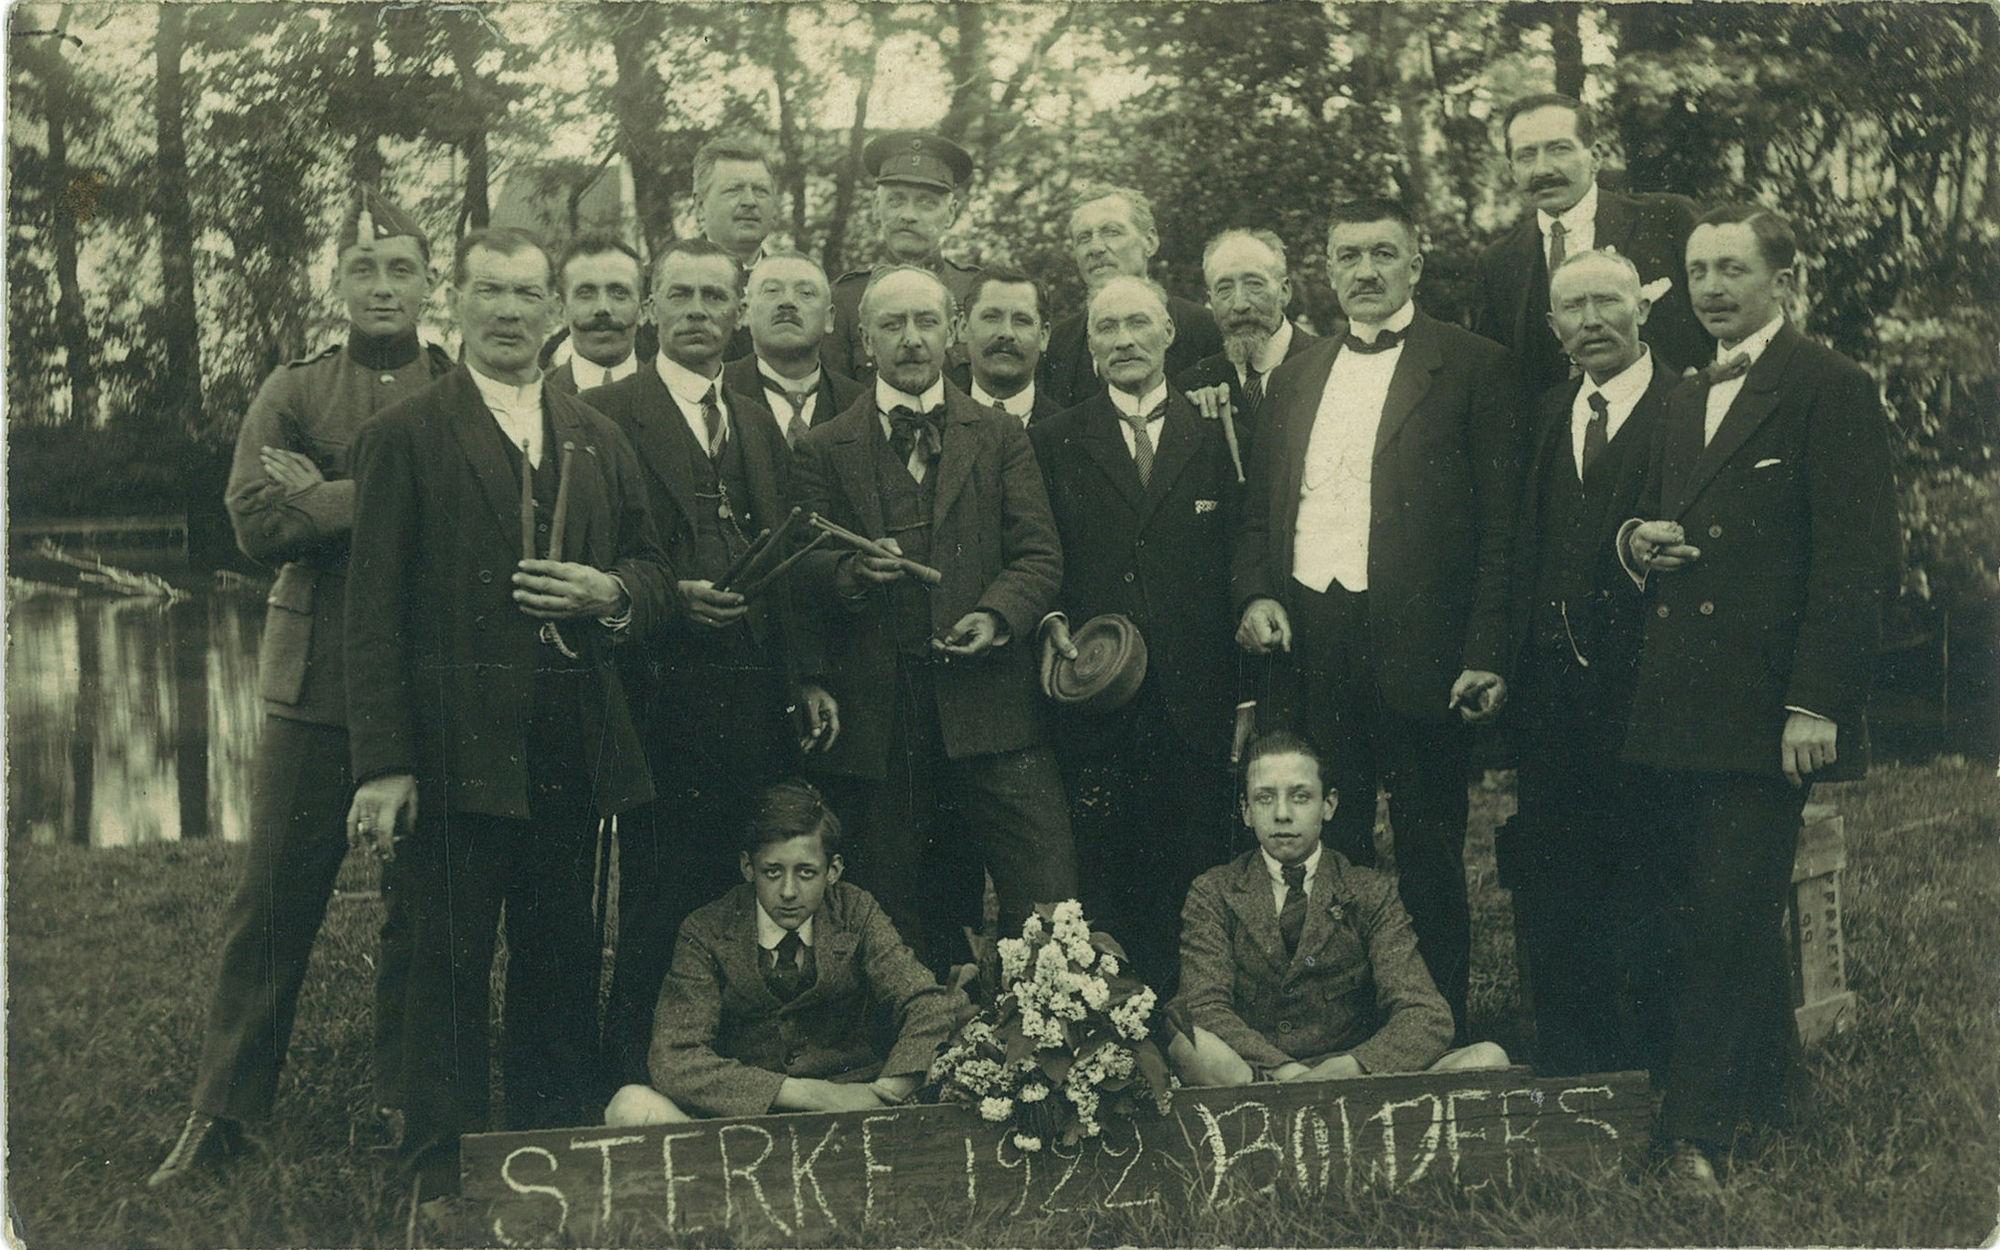 Boldersclub Sterke Bolders 1922_